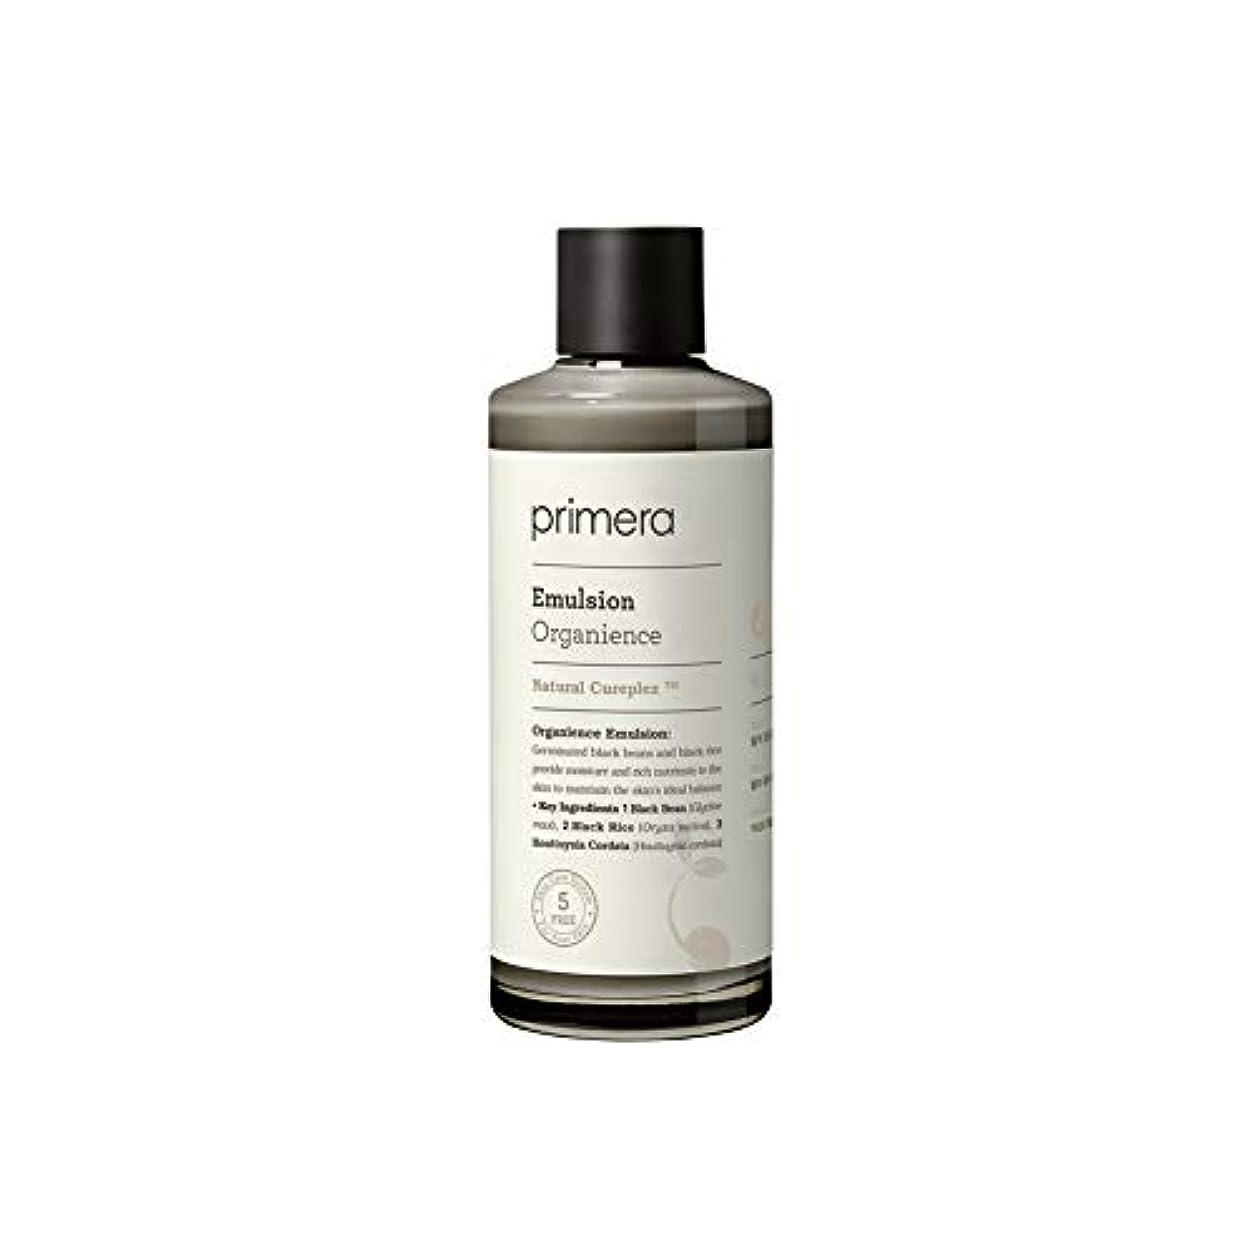 普及直面する提供【primera公式】プリメラ オーガニアンス キュア アイクリーム 30ml/primera Organience Cure Eye Cream 30ml